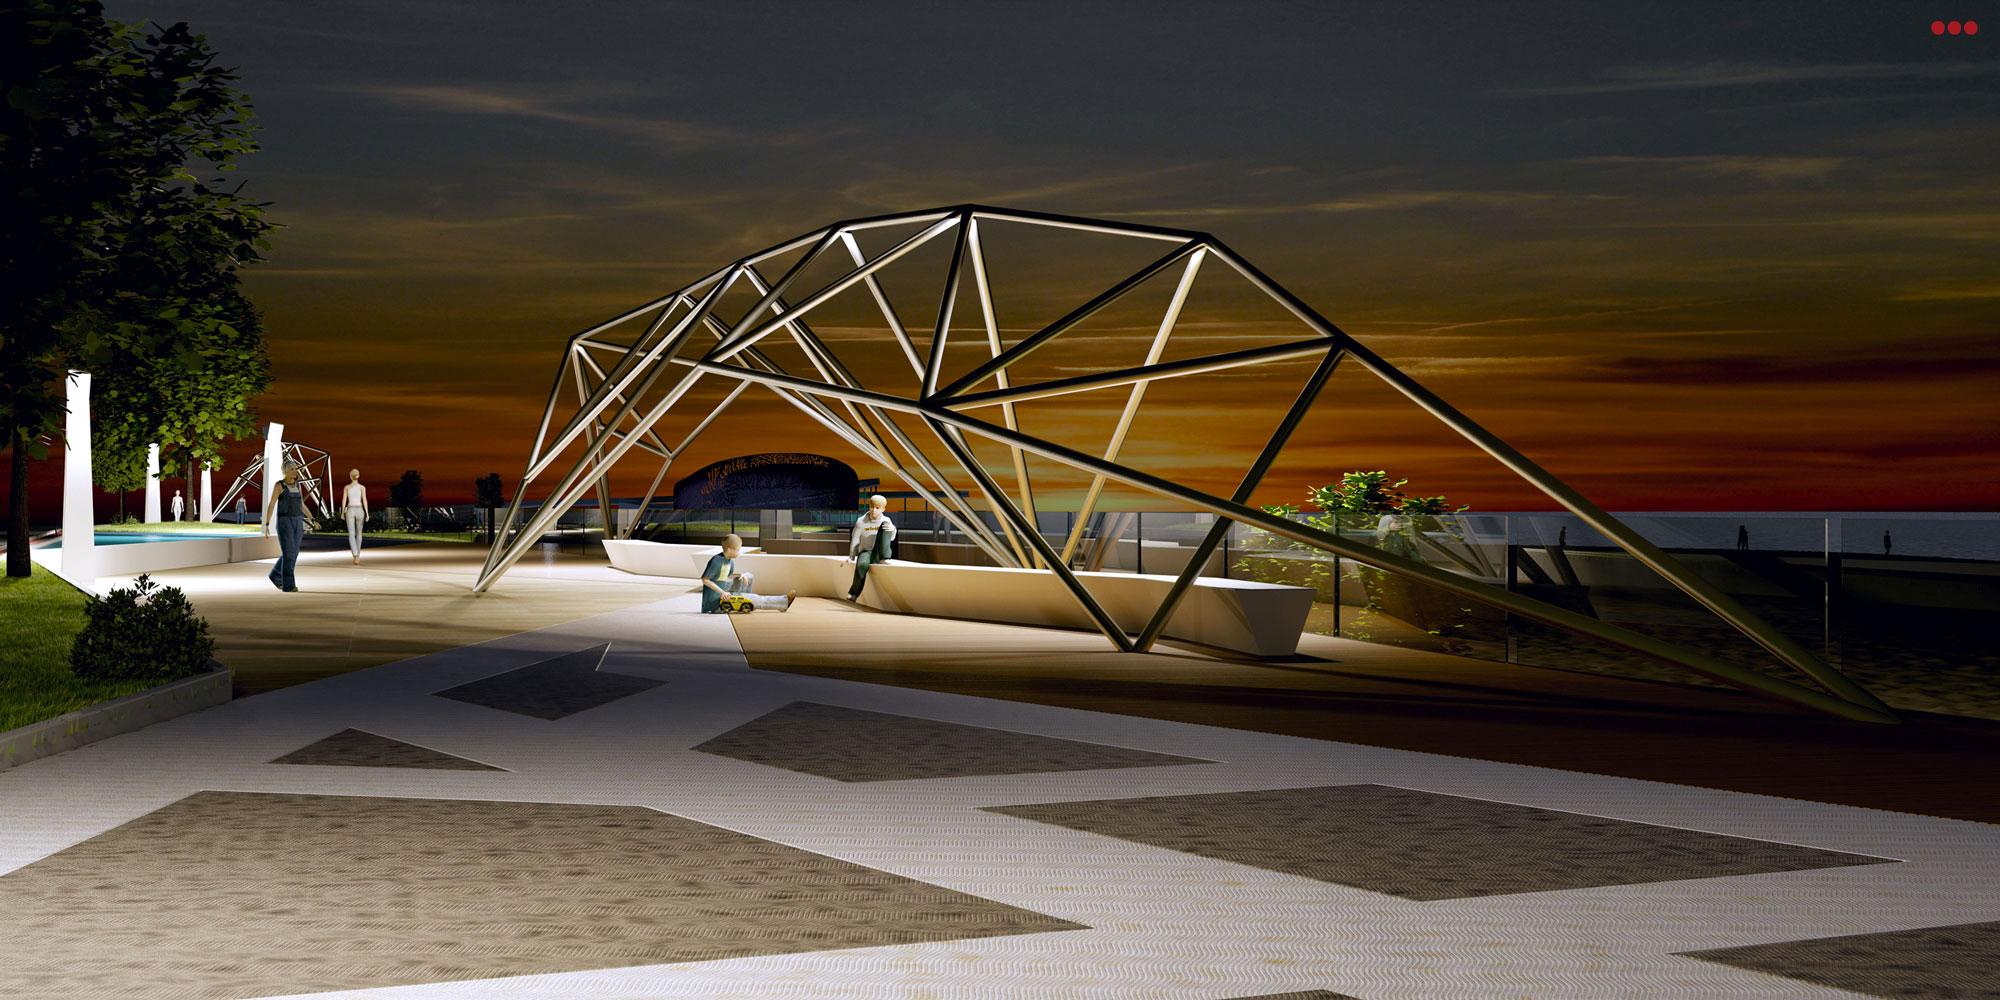 Progetto Rendering Modeling lungomare Cattolica Rimini 3D Studio Bartolini 2.1